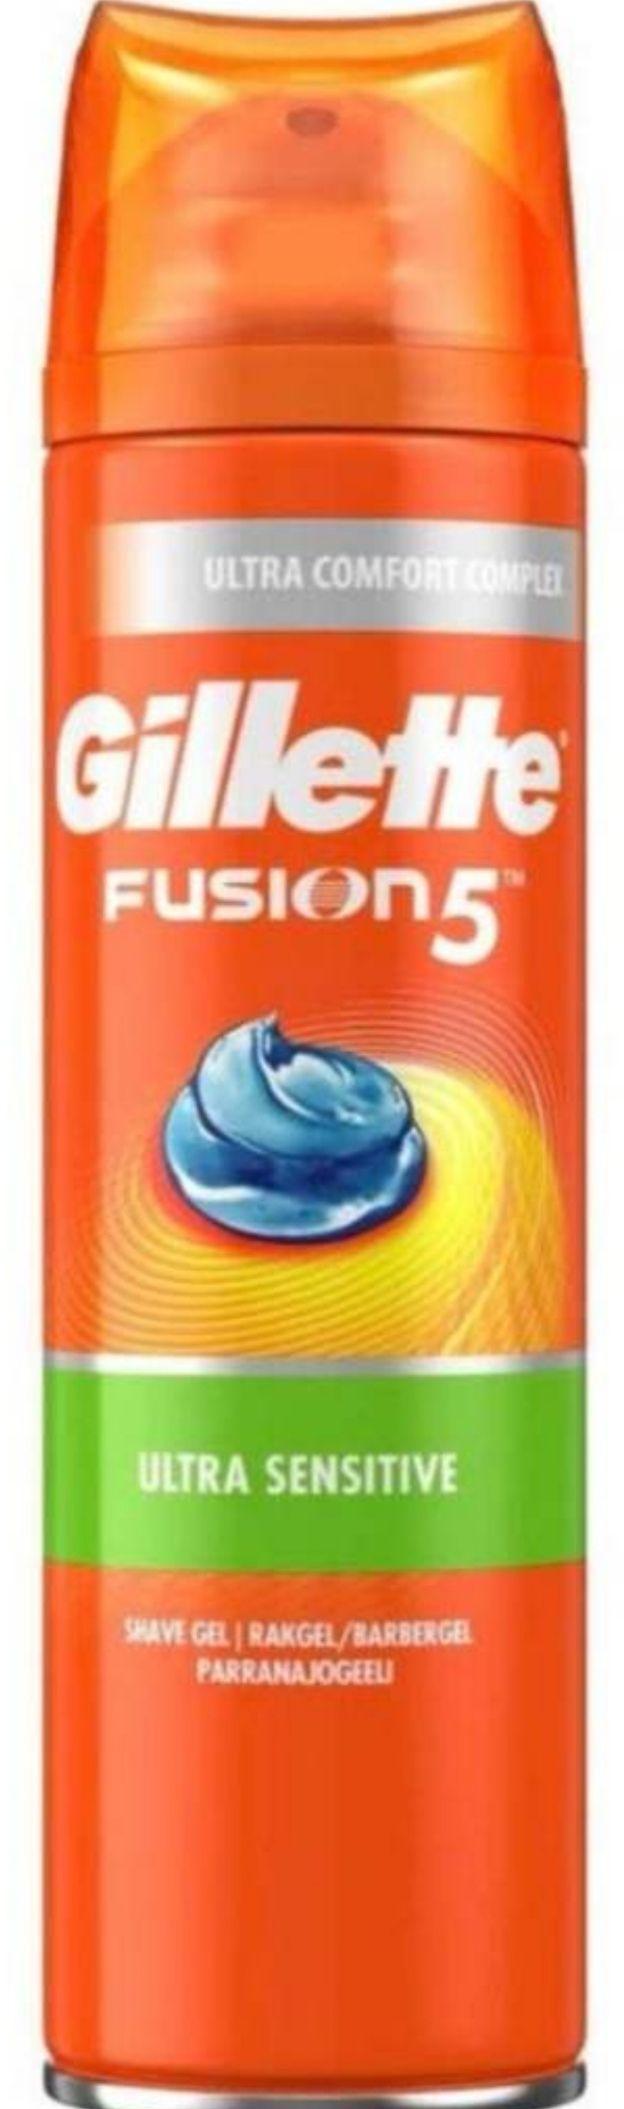 Gillette Fusion Ultra Sensitive Shaving Gel, 200ml (15% off on S&S) - £1.80 Prime / +£4.49 non Prime @ Amazon